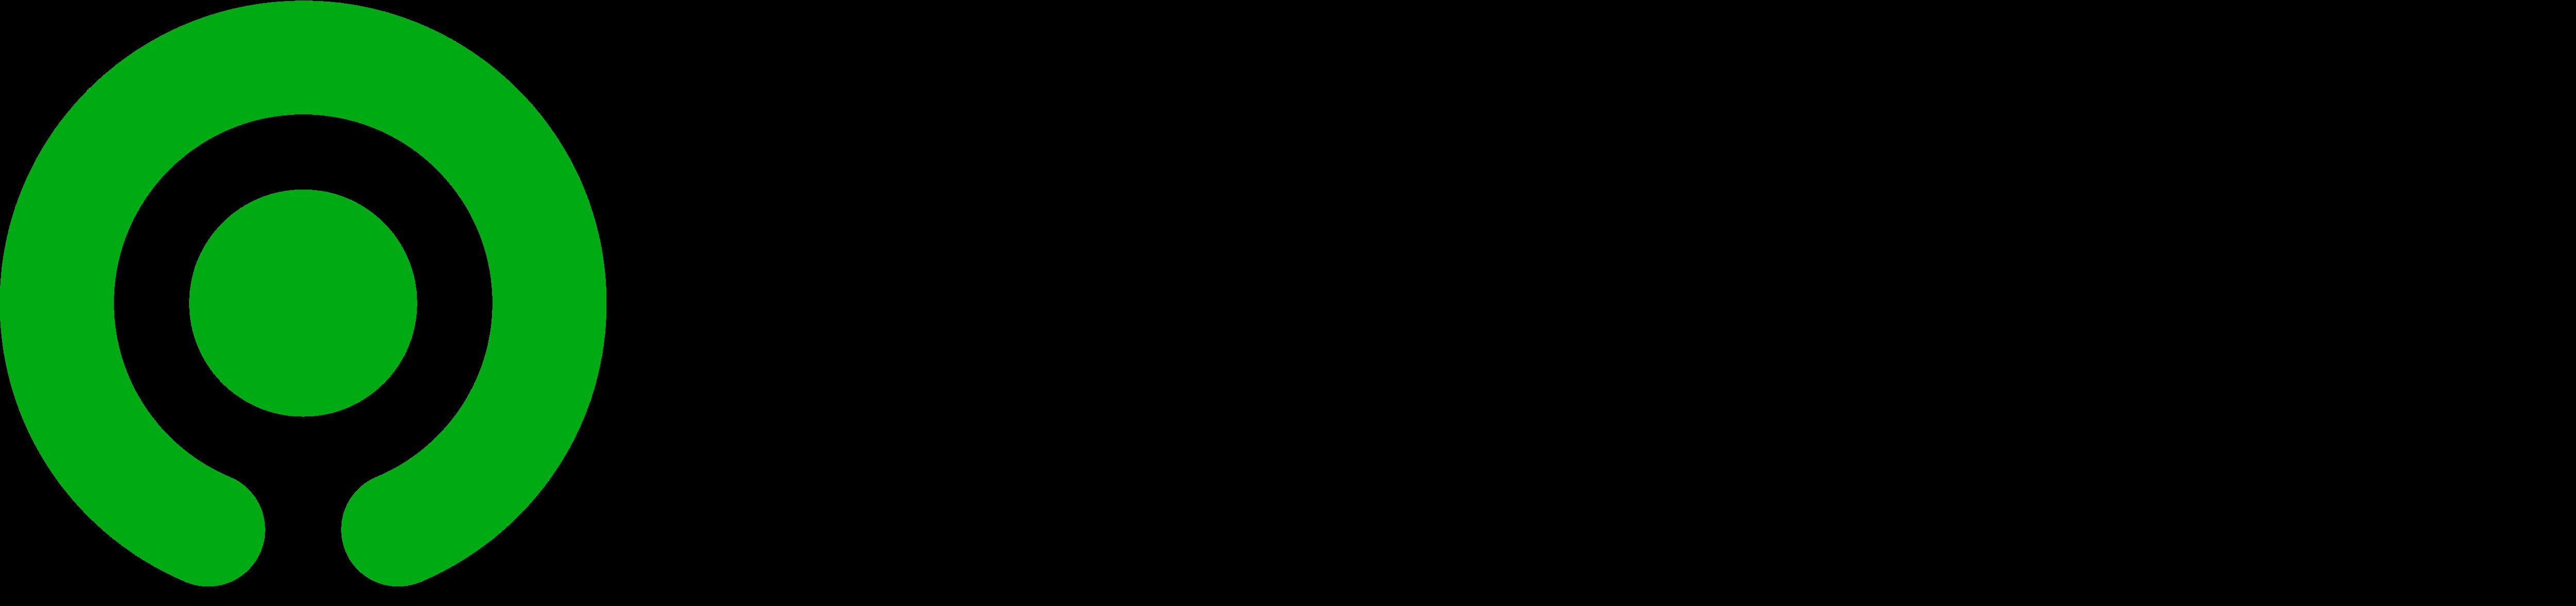 Gojek - Logos Download